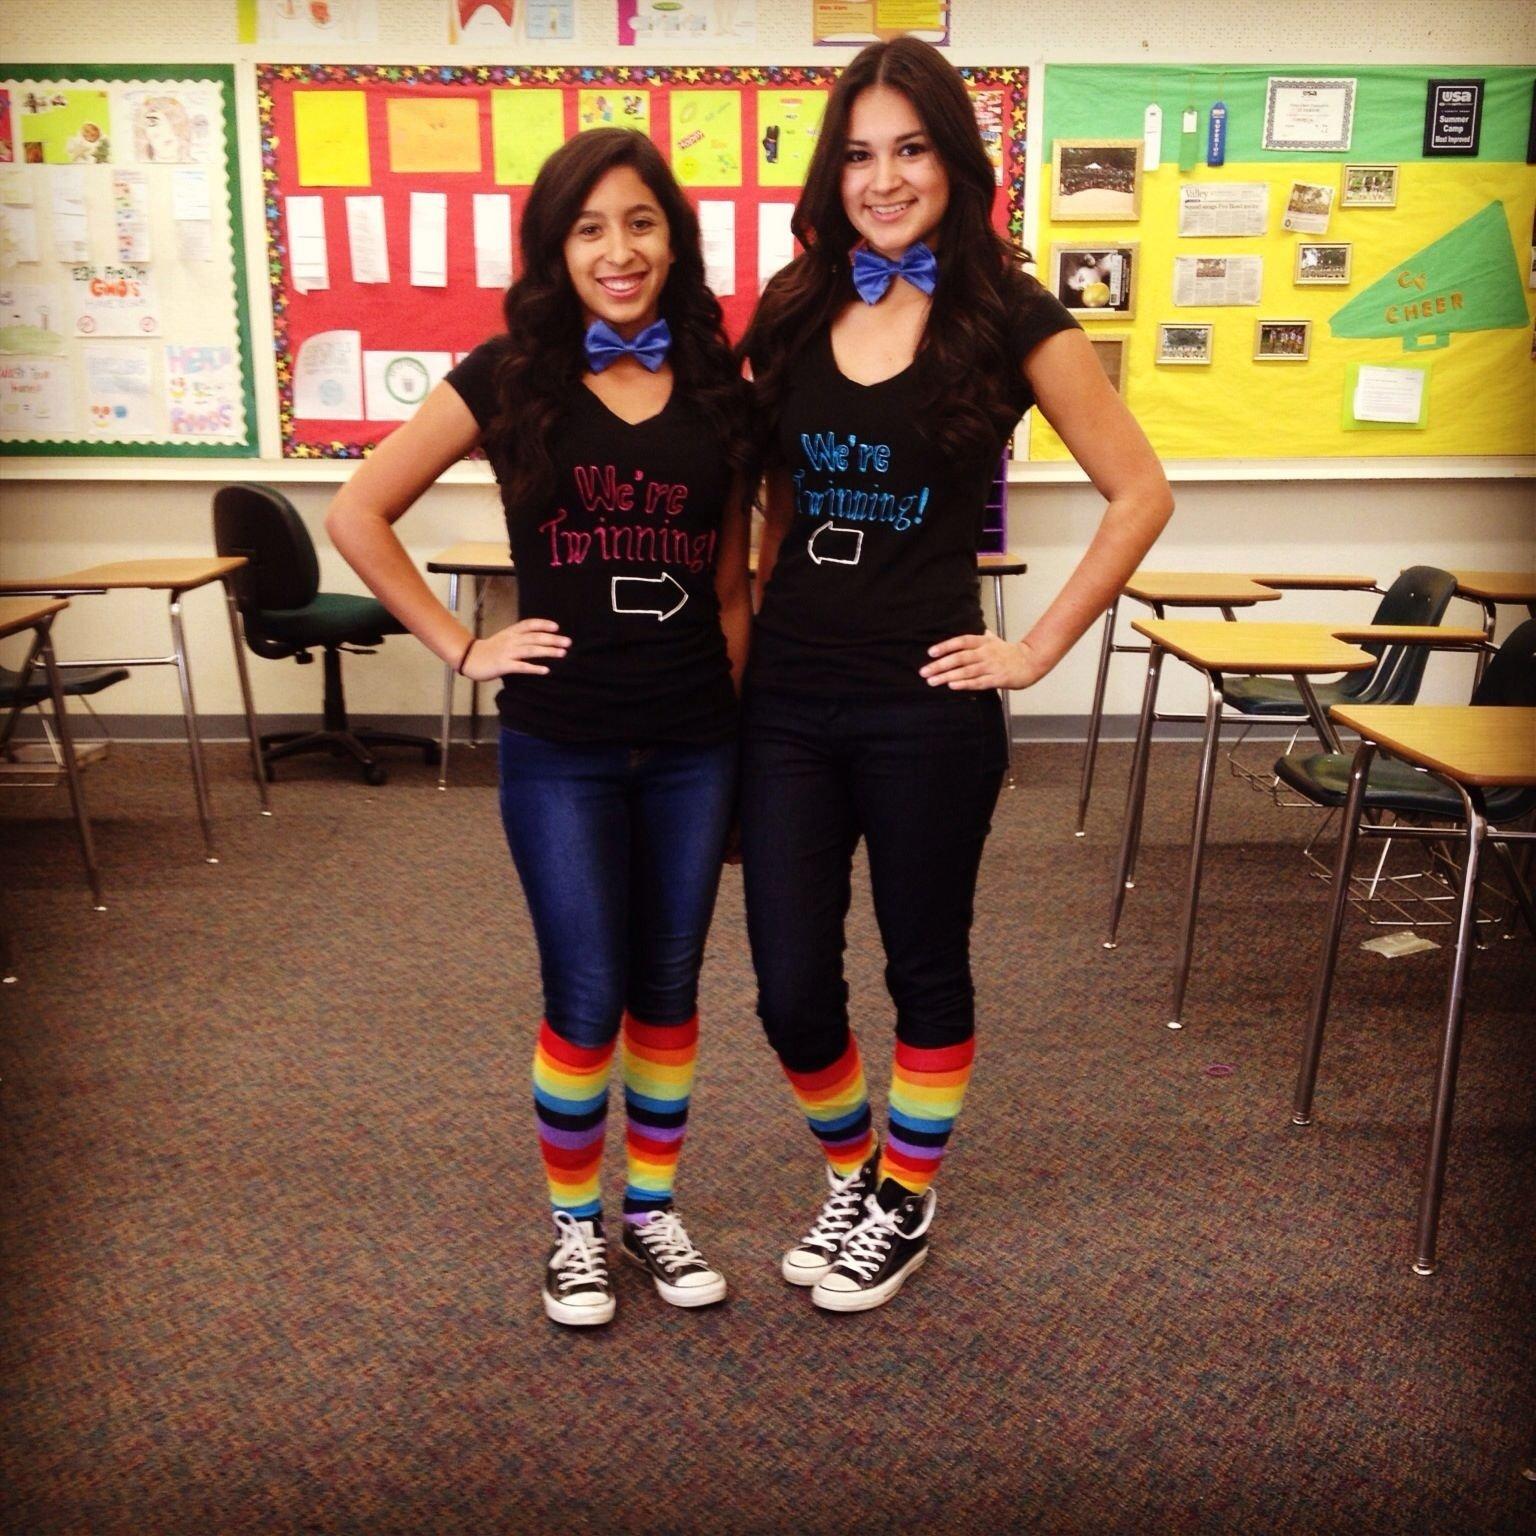 10 Elegant Cute Ideas For Twin Day twin day spirit week at school my lifee29da4 pinterest twins 19 2020